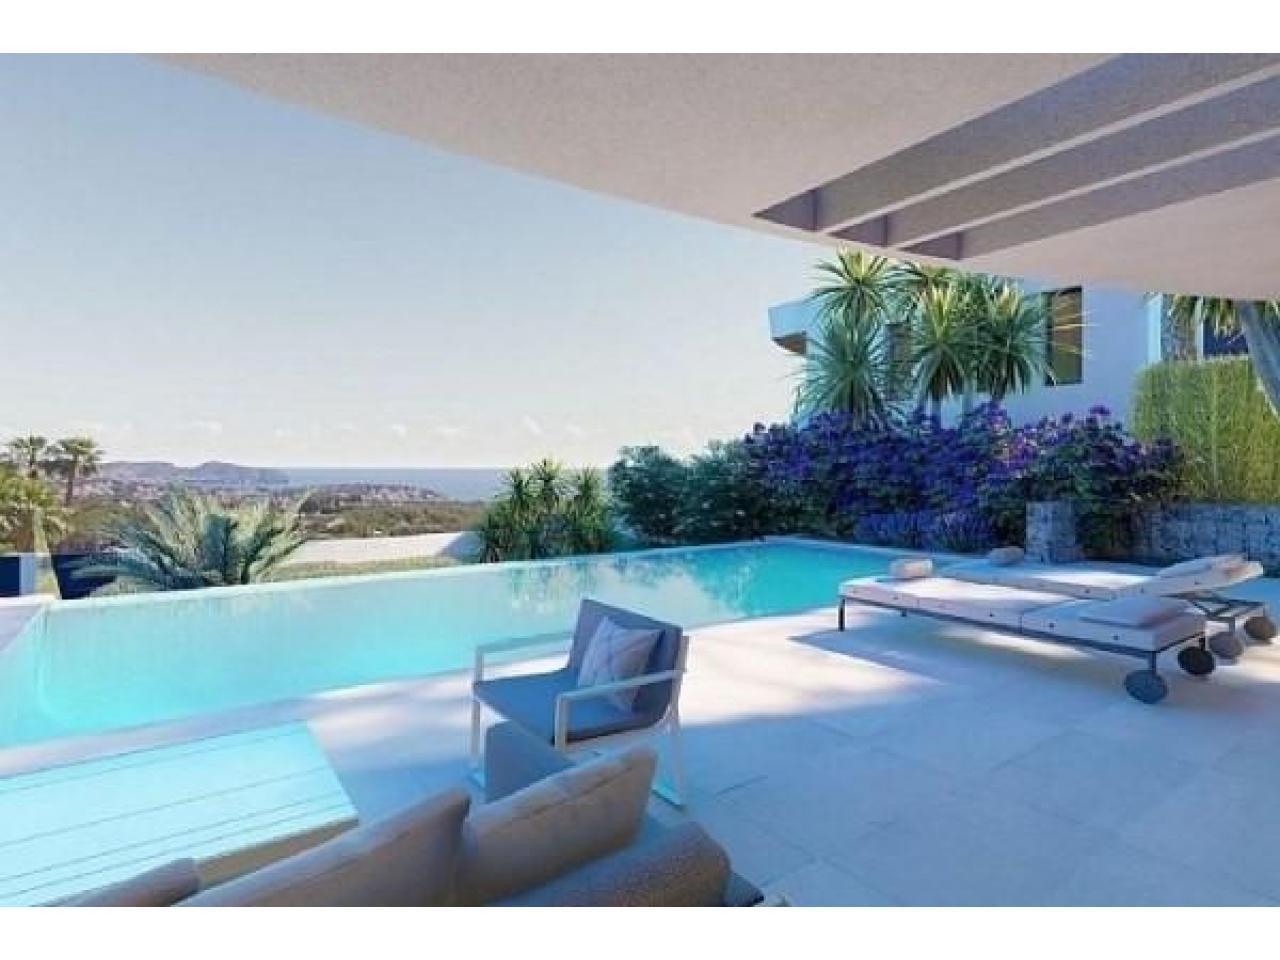 Недвижимость в Испании, Новая вилла с видами на море от застройщика в Морайра,Коста Бланка,Испания - 3